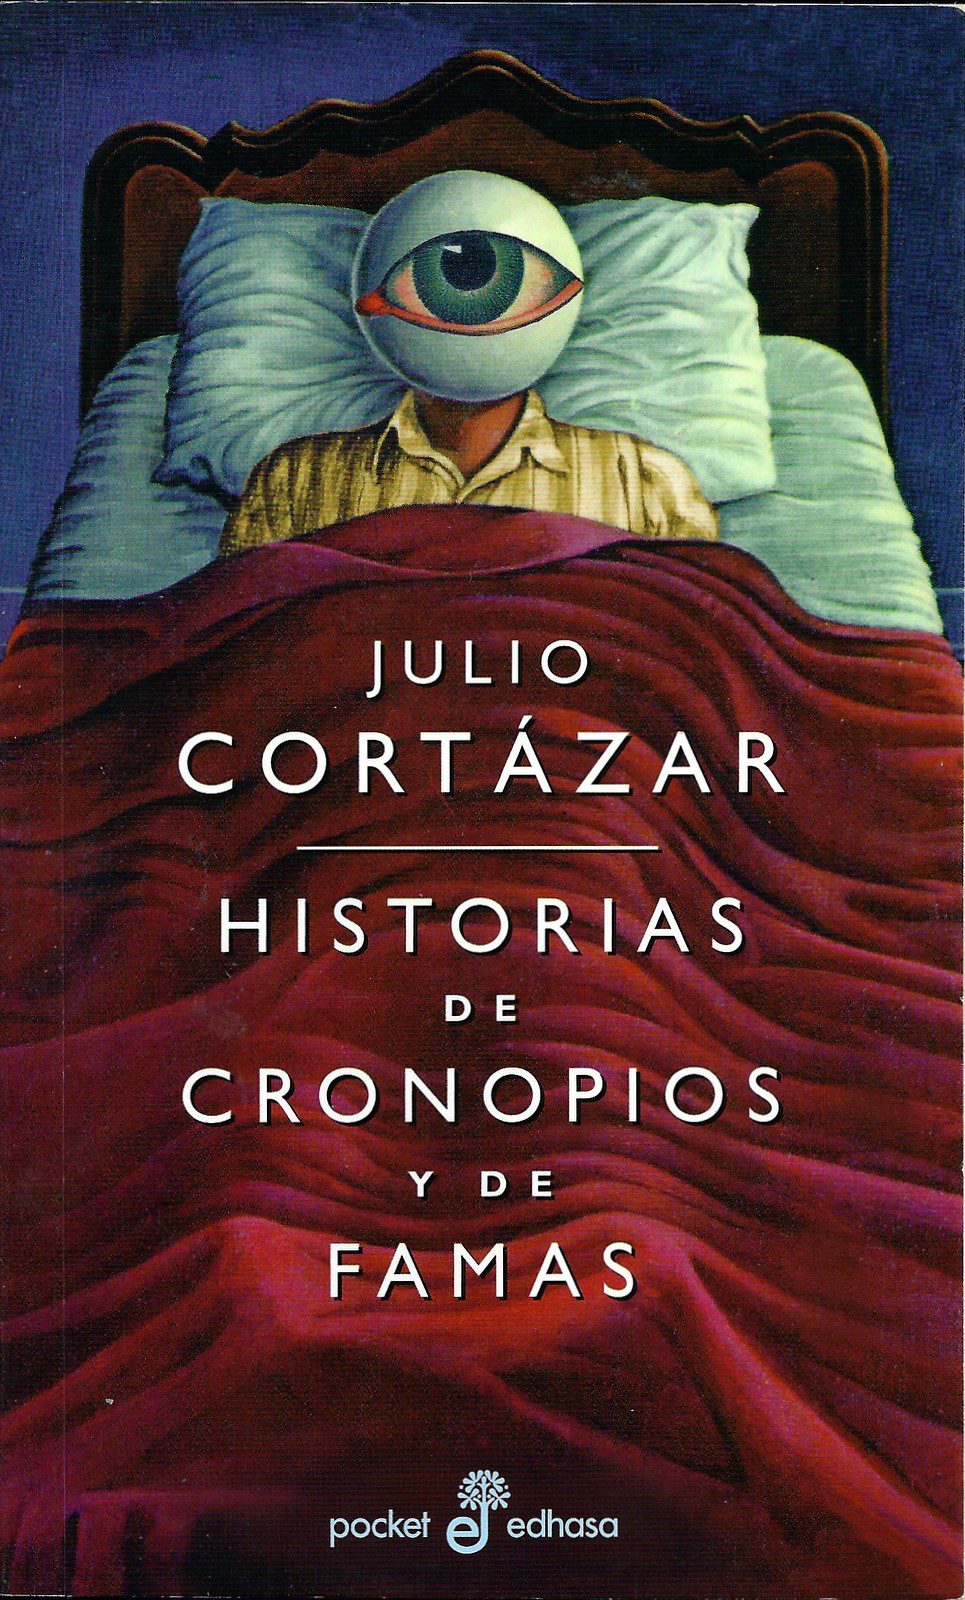 Historia de Cronopios y de Famas, de Julio Cortázar